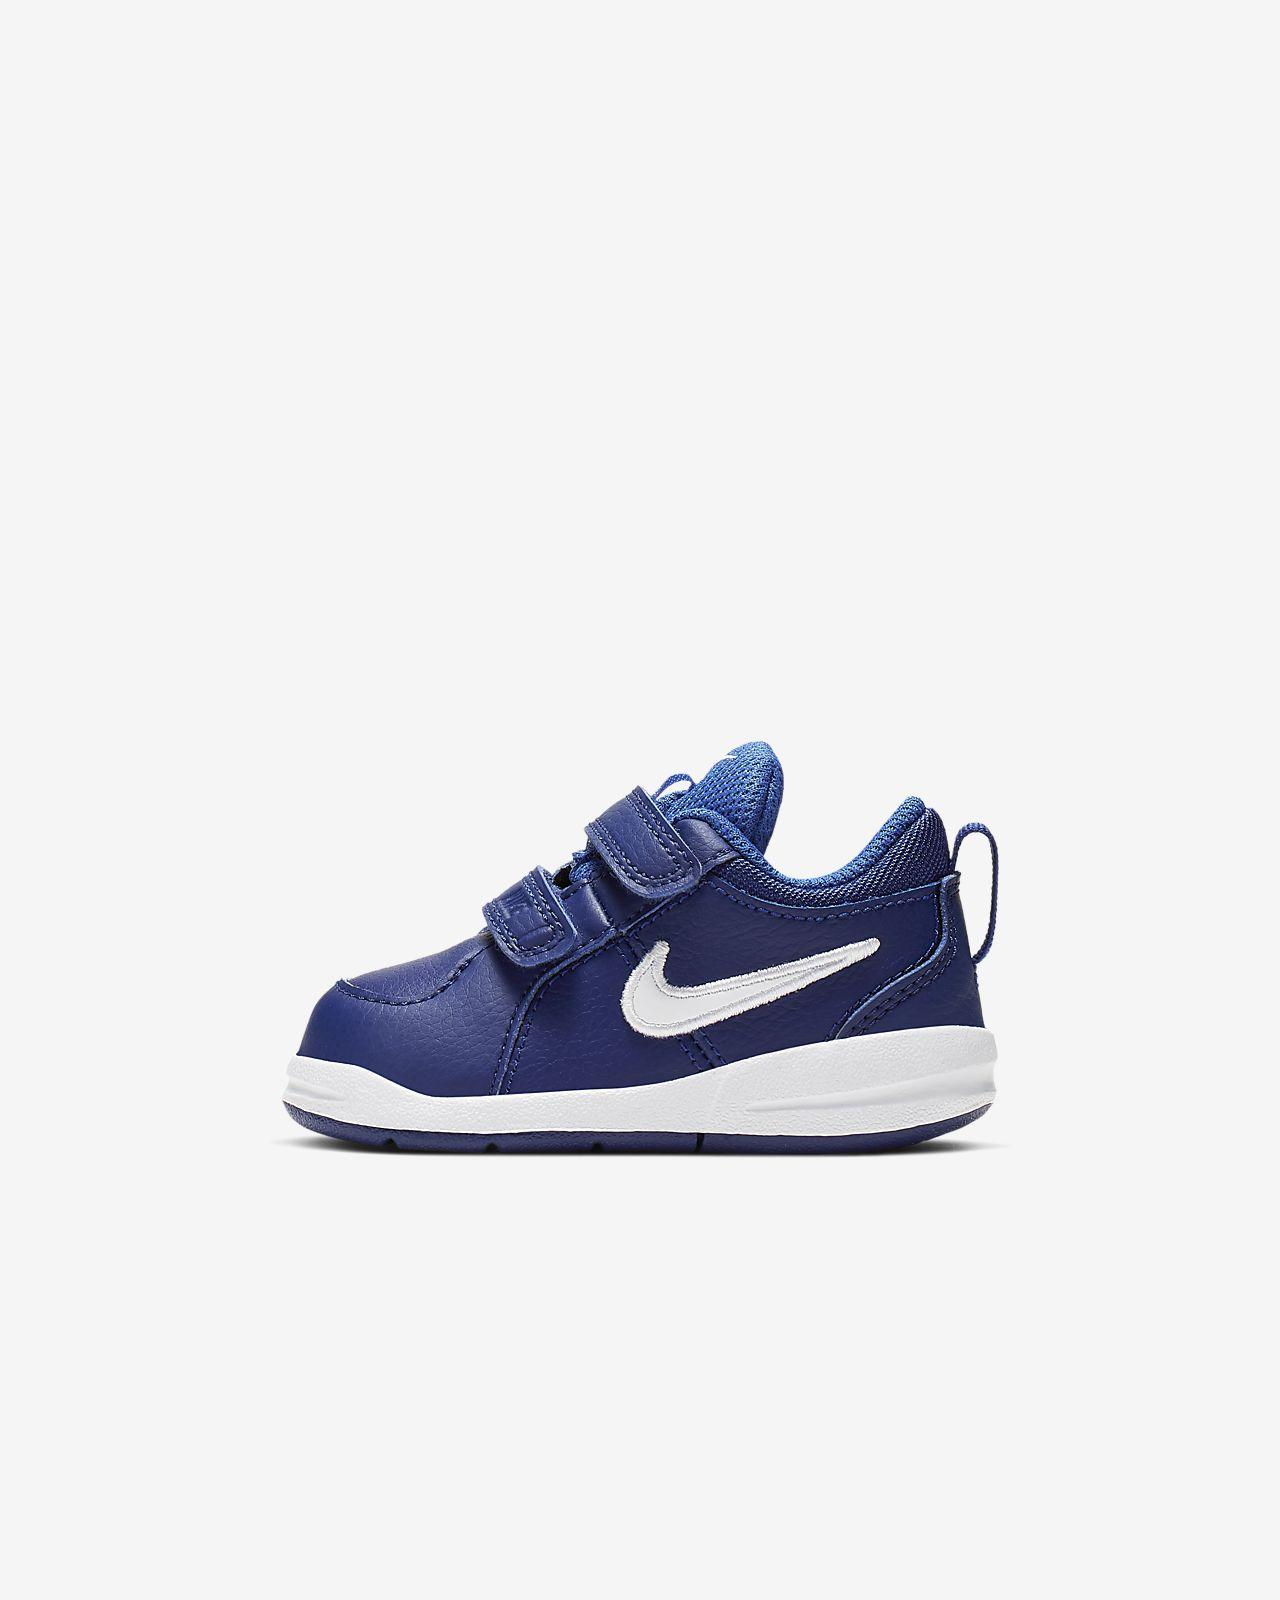 36570433 Кроссовки для малышей Nike Pico 4. Nike.com RU